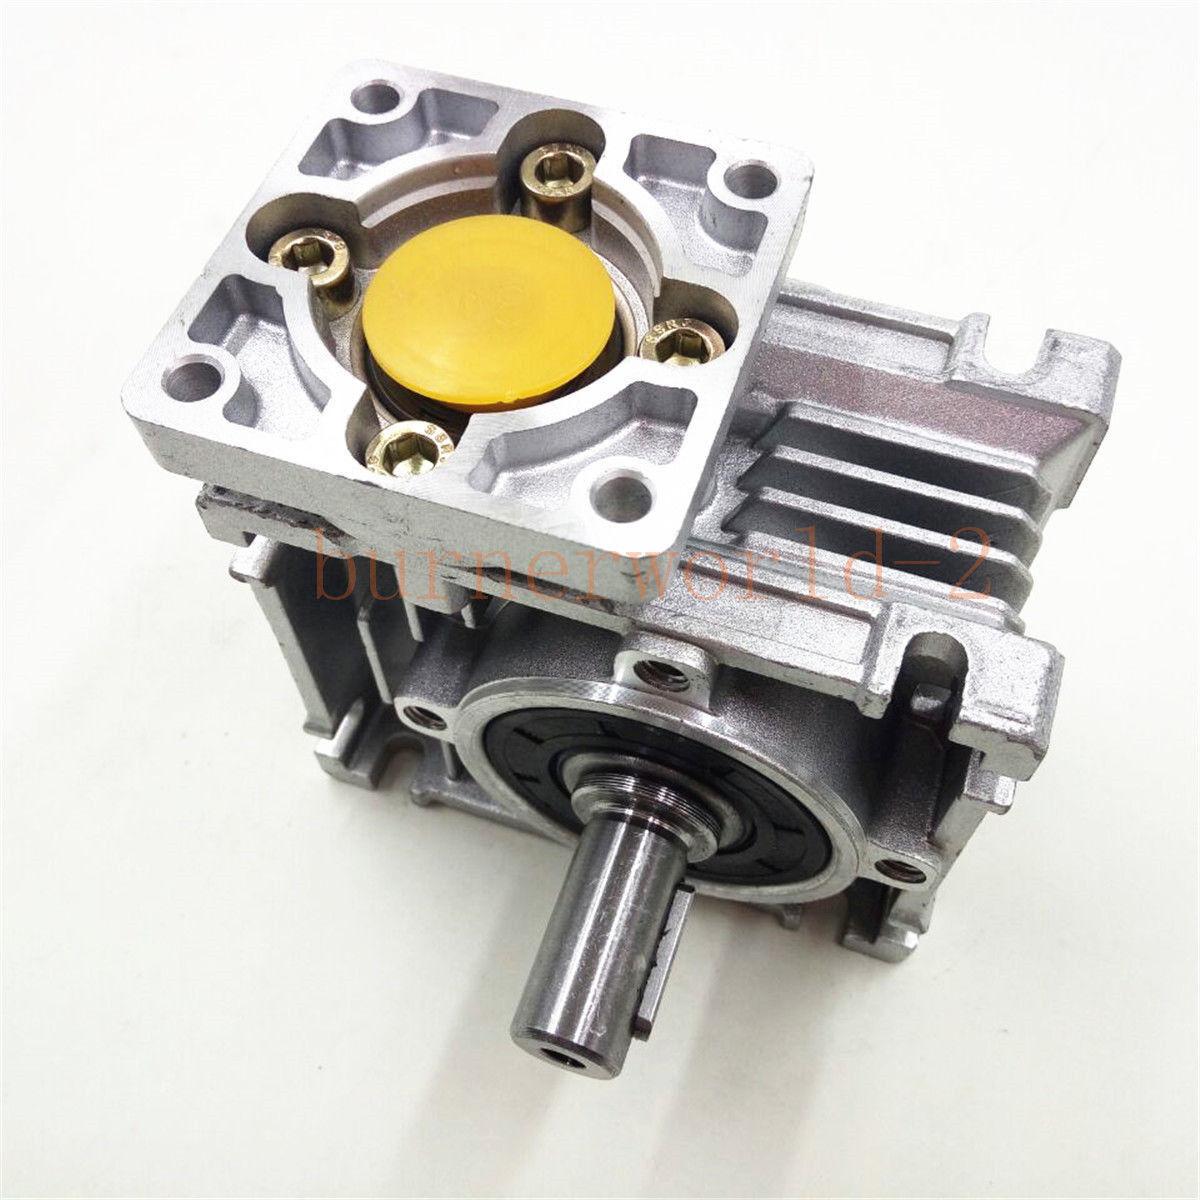 NEMA23-030 Worm Gear Speed Reducer NEMA23 Ratio 10 25 30 40 50:1 Stepper motor